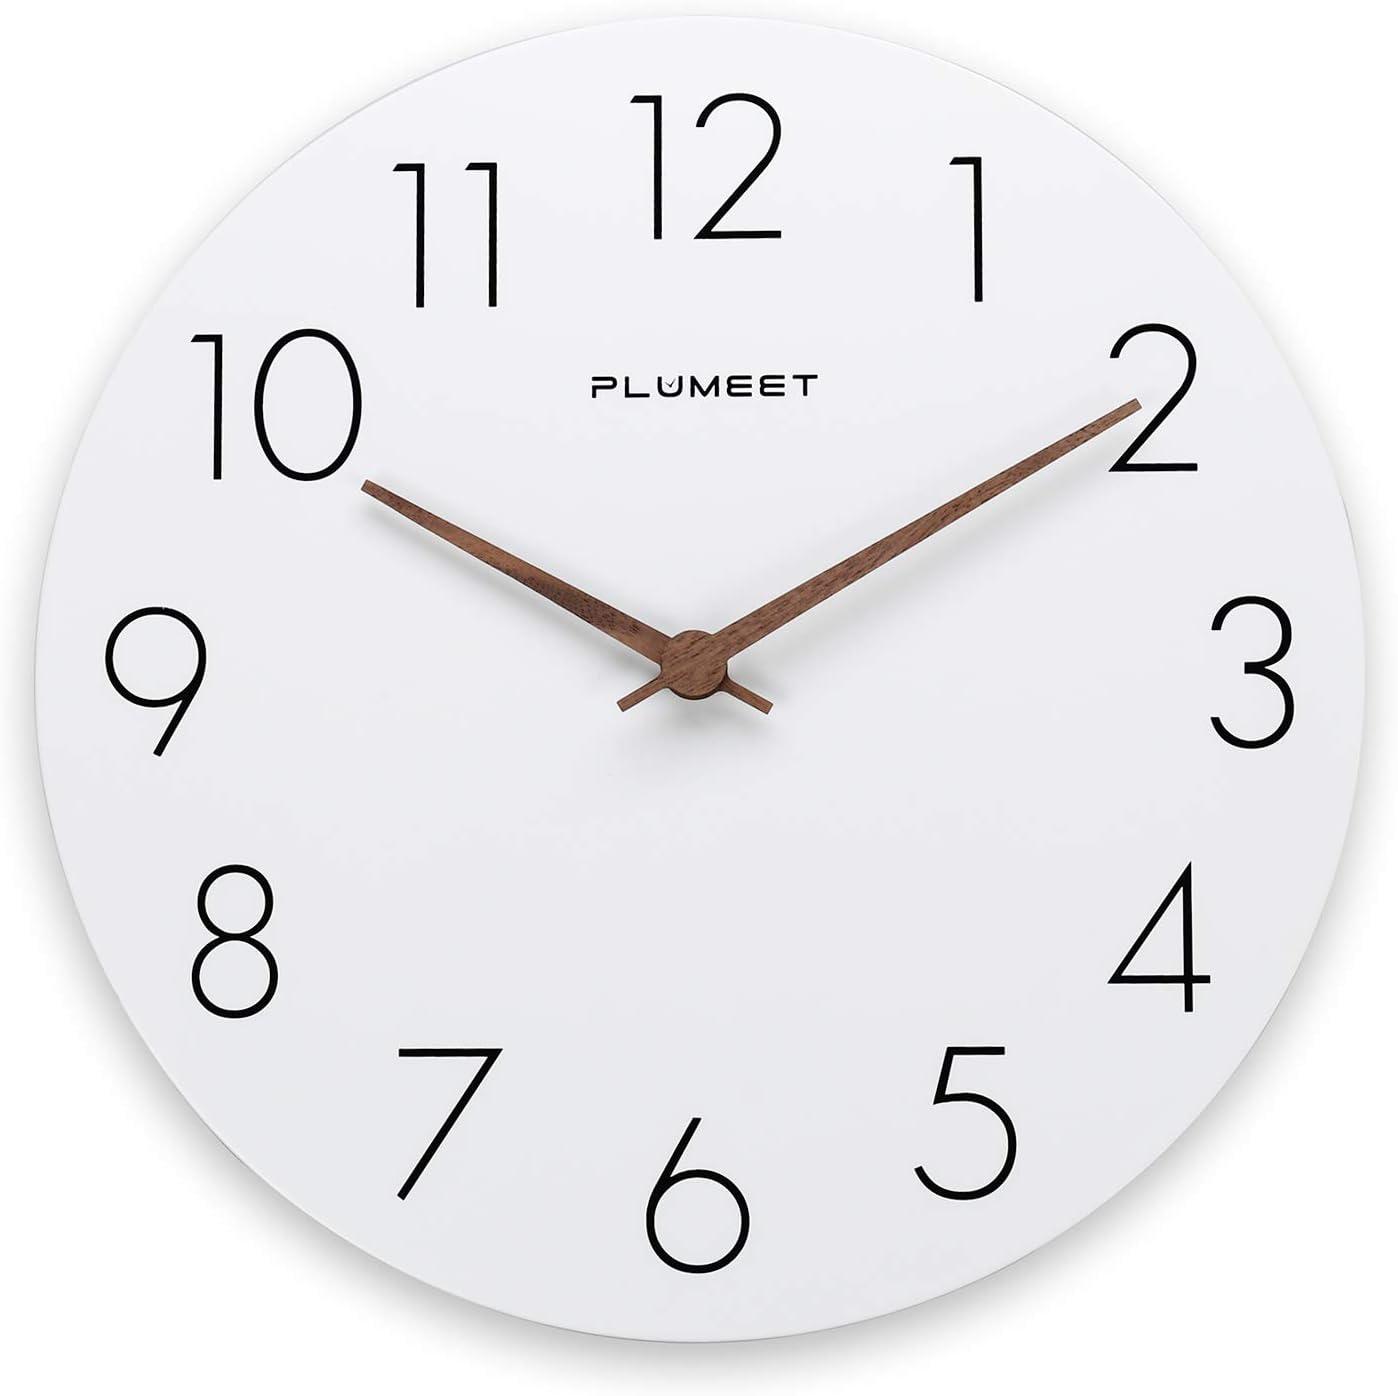 Plumeet Reloj de Pared de Madera de 30cm Reloj de Pared sin Marco con Movimiento Silencioso de Cuarzo - Reloj Blanco de Estilo Simple Moderno Decoración de la Sala Cocina - Alimentado por Batería